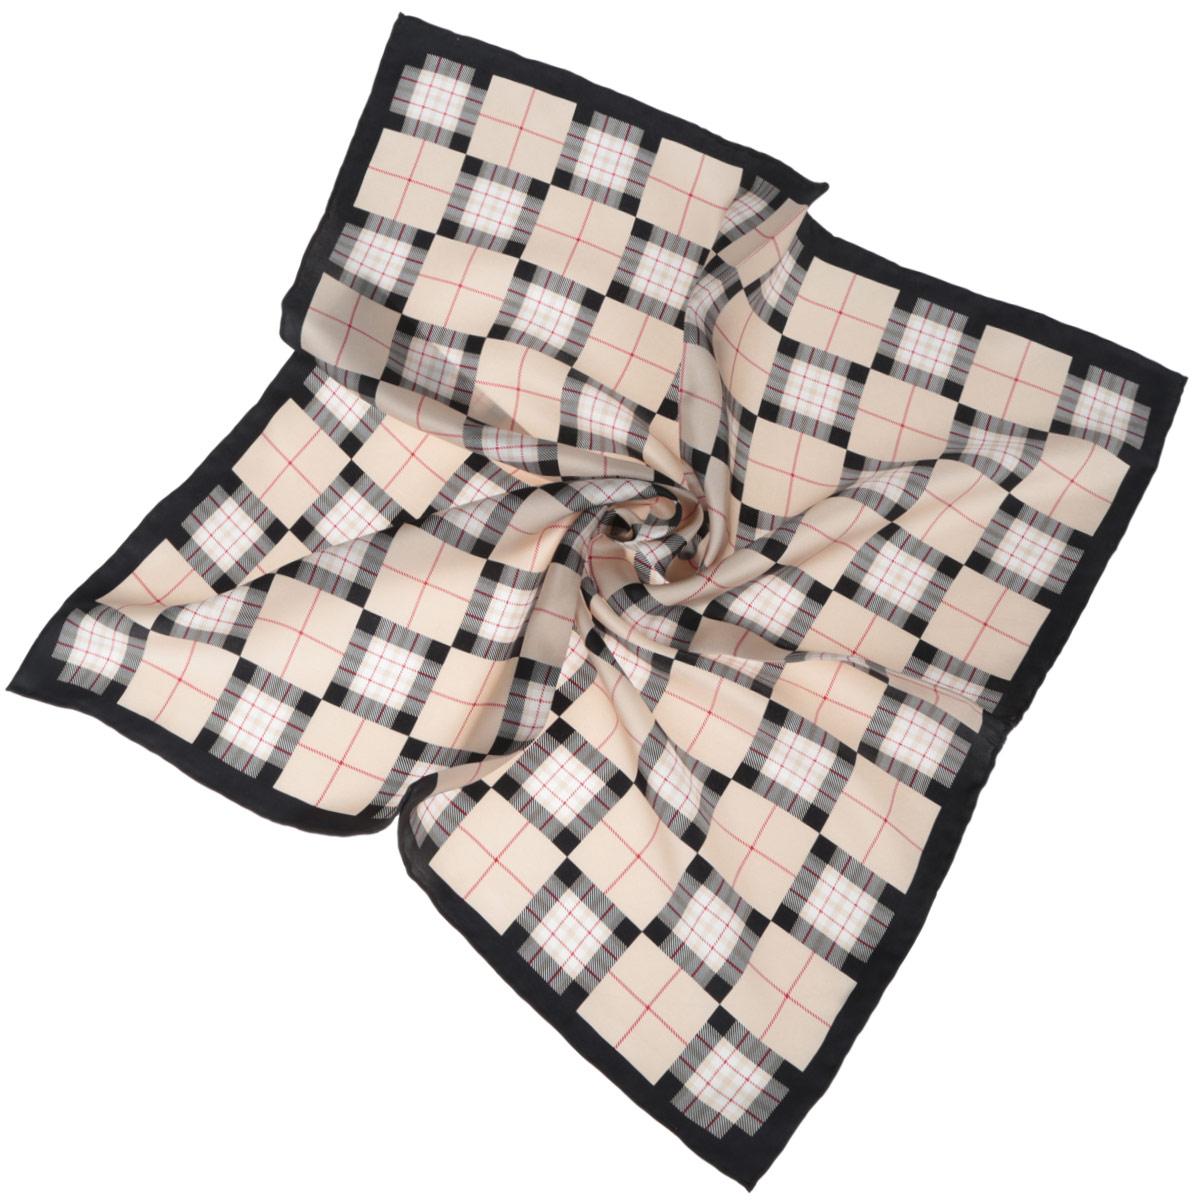 ПлатокCX1516-59-BСтильный женский платок Fabretti станет великолепным завершением любого наряда. Платок изготовлен из высококачественного 100% шелка и оформлен актуальным принтом в клетку. Классическая квадратная форма позволяет носить платок на шее, украшать им прическу или декорировать сумочку. Мягкий и шелковистый платок поможет вам создать изысканный женственный образ, а также согреет в непогоду. Такой платок превосходно дополнит любой наряд и подчеркнет ваш неповторимый вкус и элегантность.